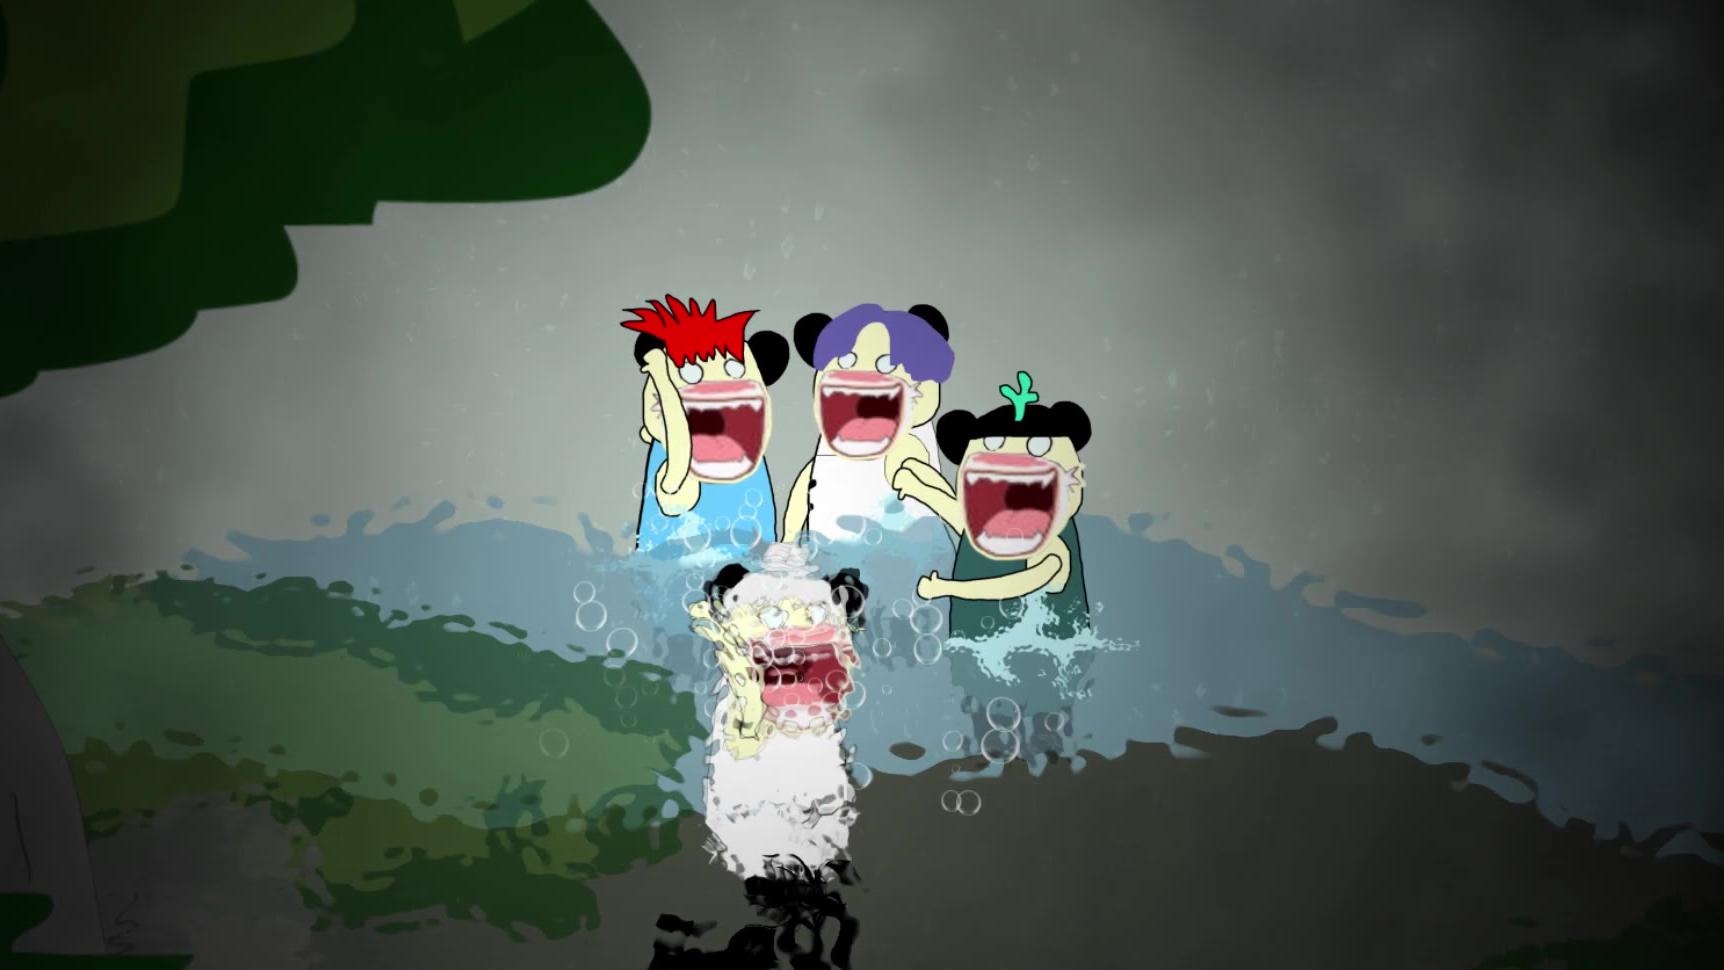 【沙雕恐怖动画】河